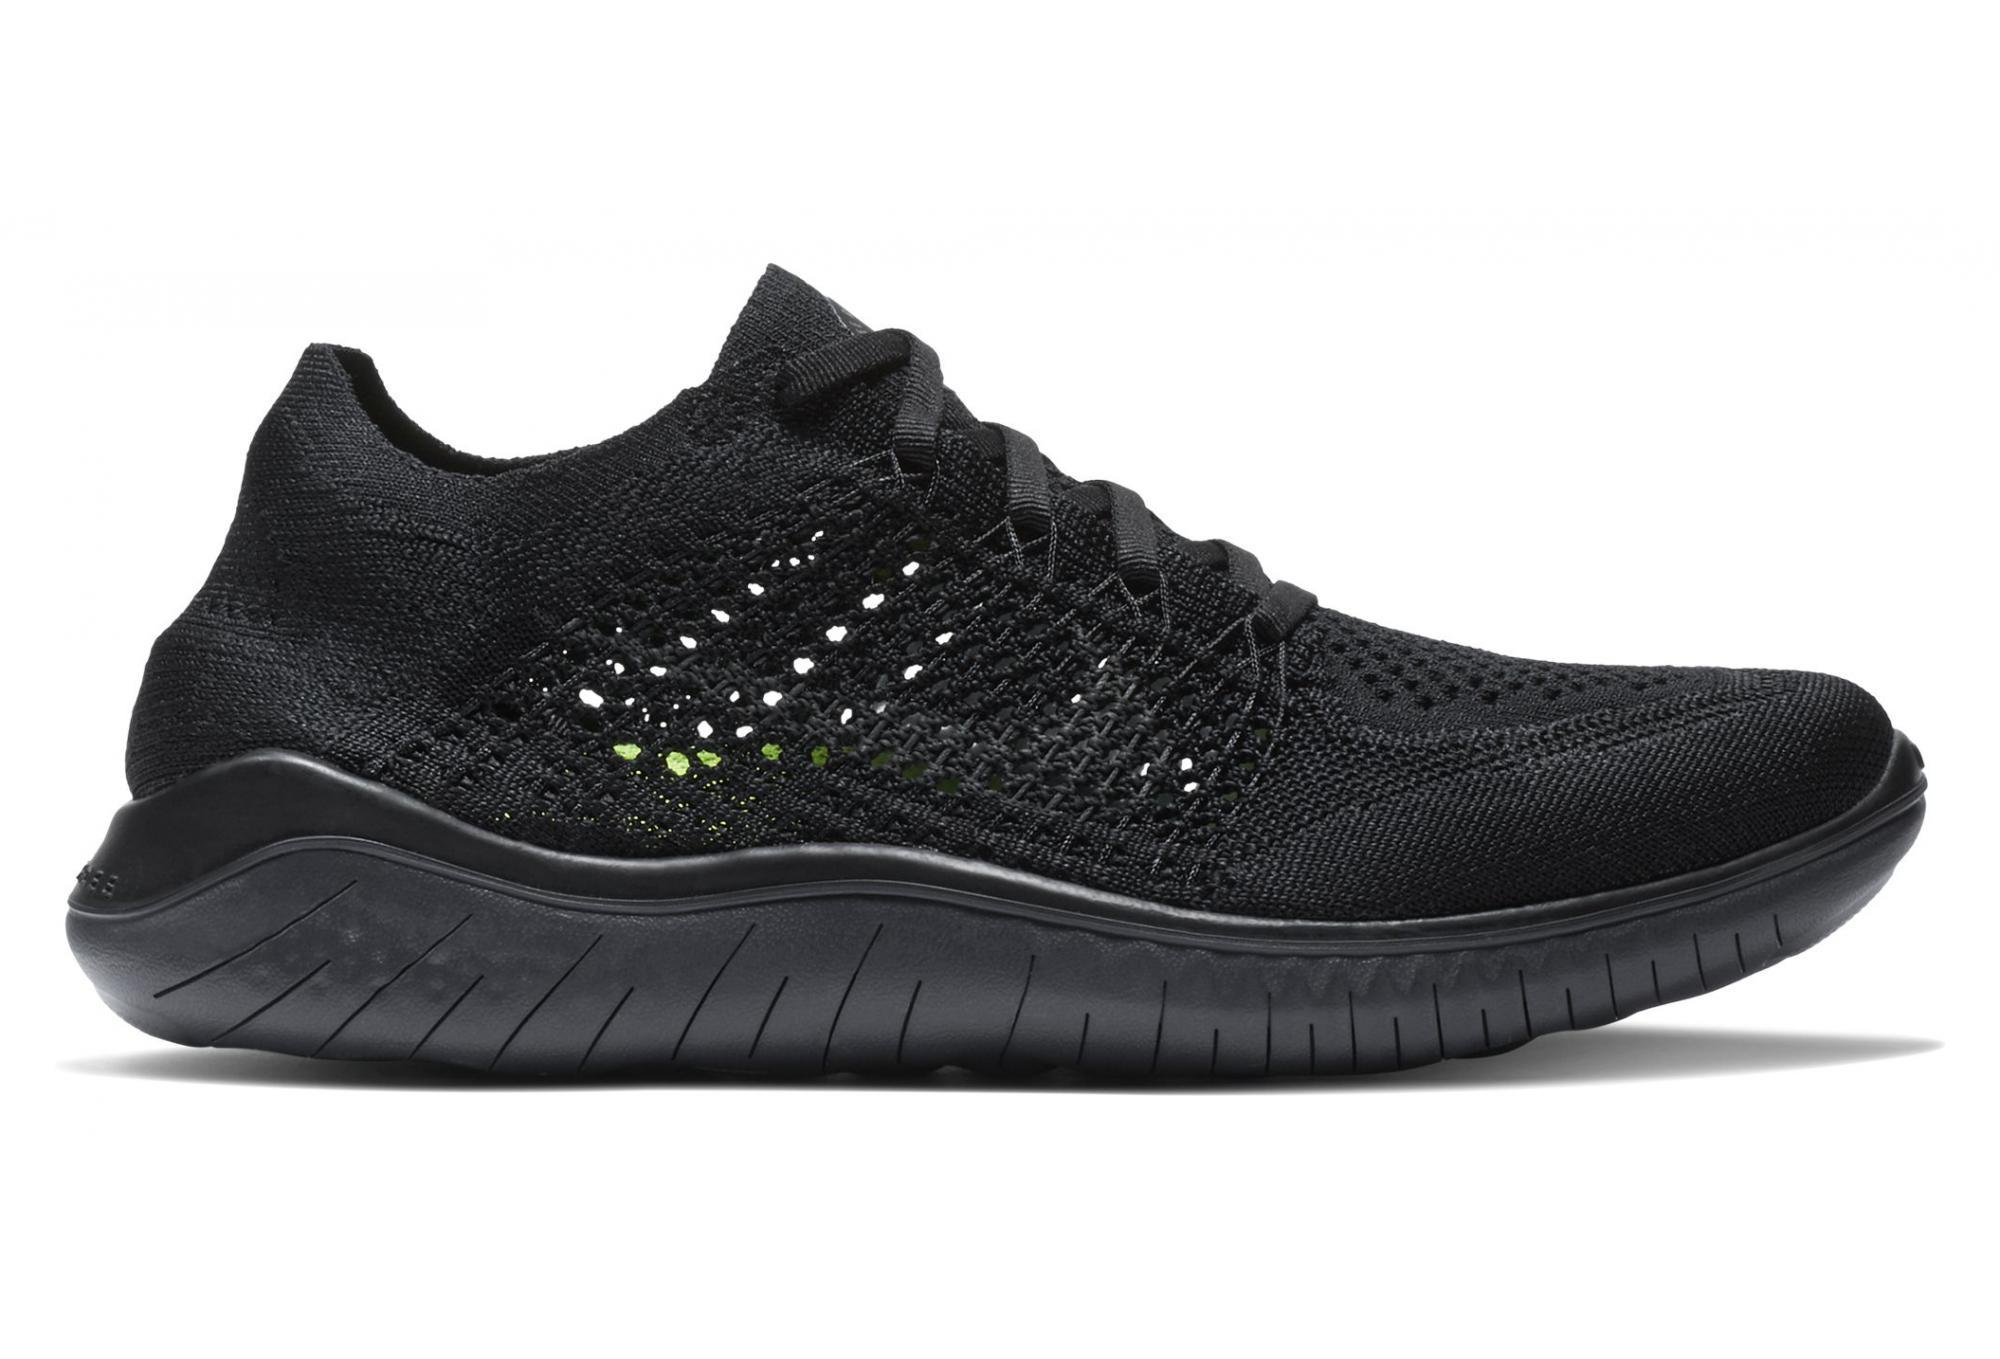 newest c1dcf 7b12d Nike Shoes Free RN Flyknit 2018 Black Women